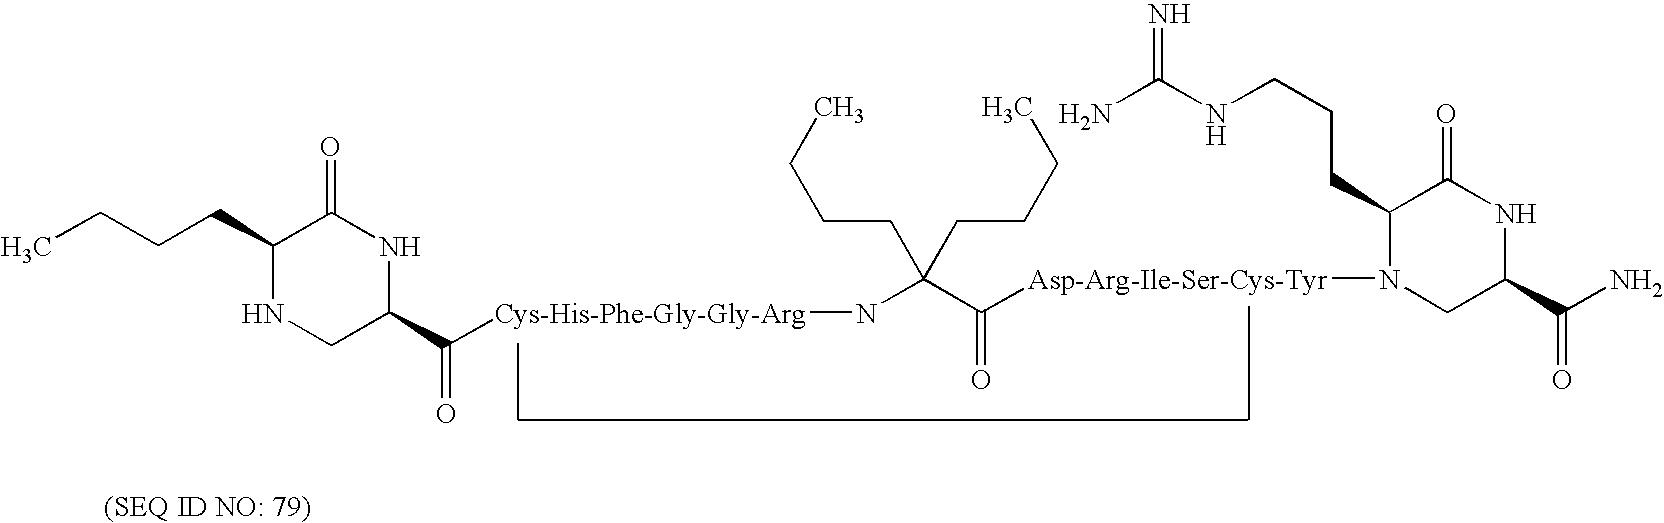 Figure US07622440-20091124-C00359